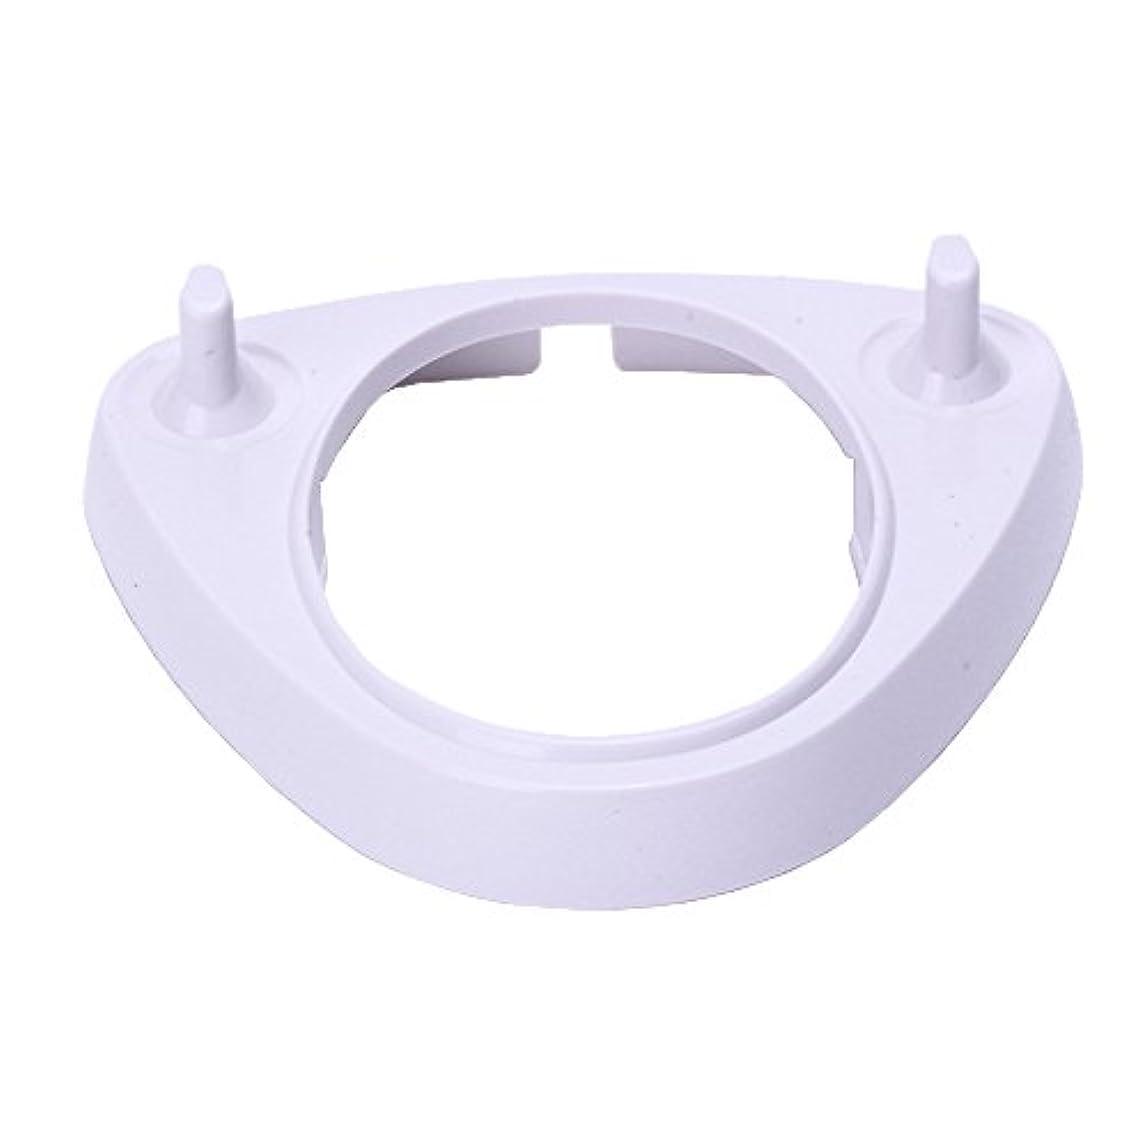 小売コンデンサーおいしい白いハードプラスチックスタンド for ブラウンオーラルB電動歯ブラシ充電器 by Kadior